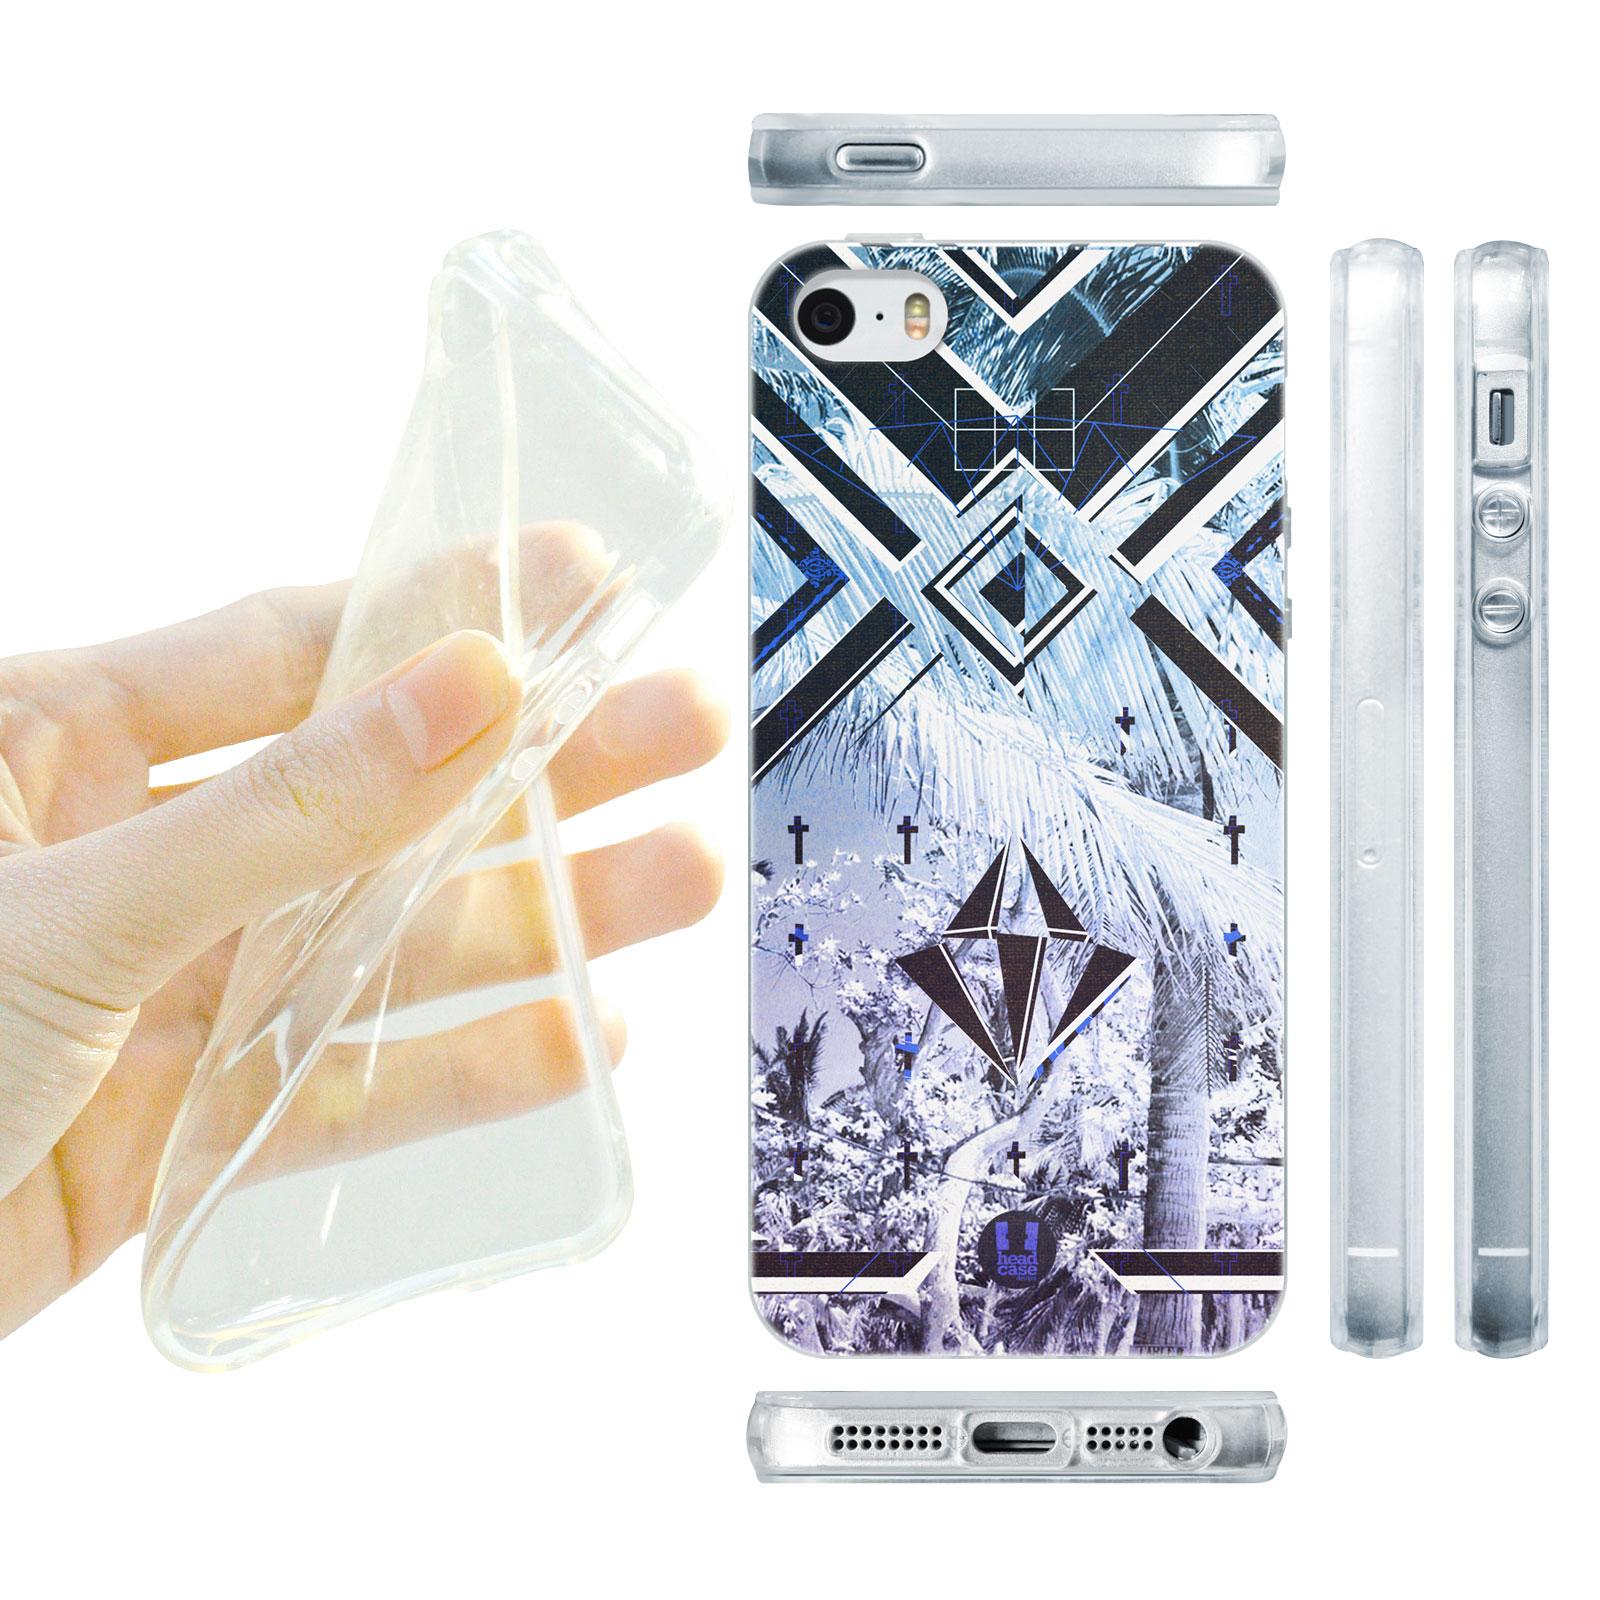 HEAD CASE silikonový obal na mobil Iphone 5/5S Utopia modrá barva